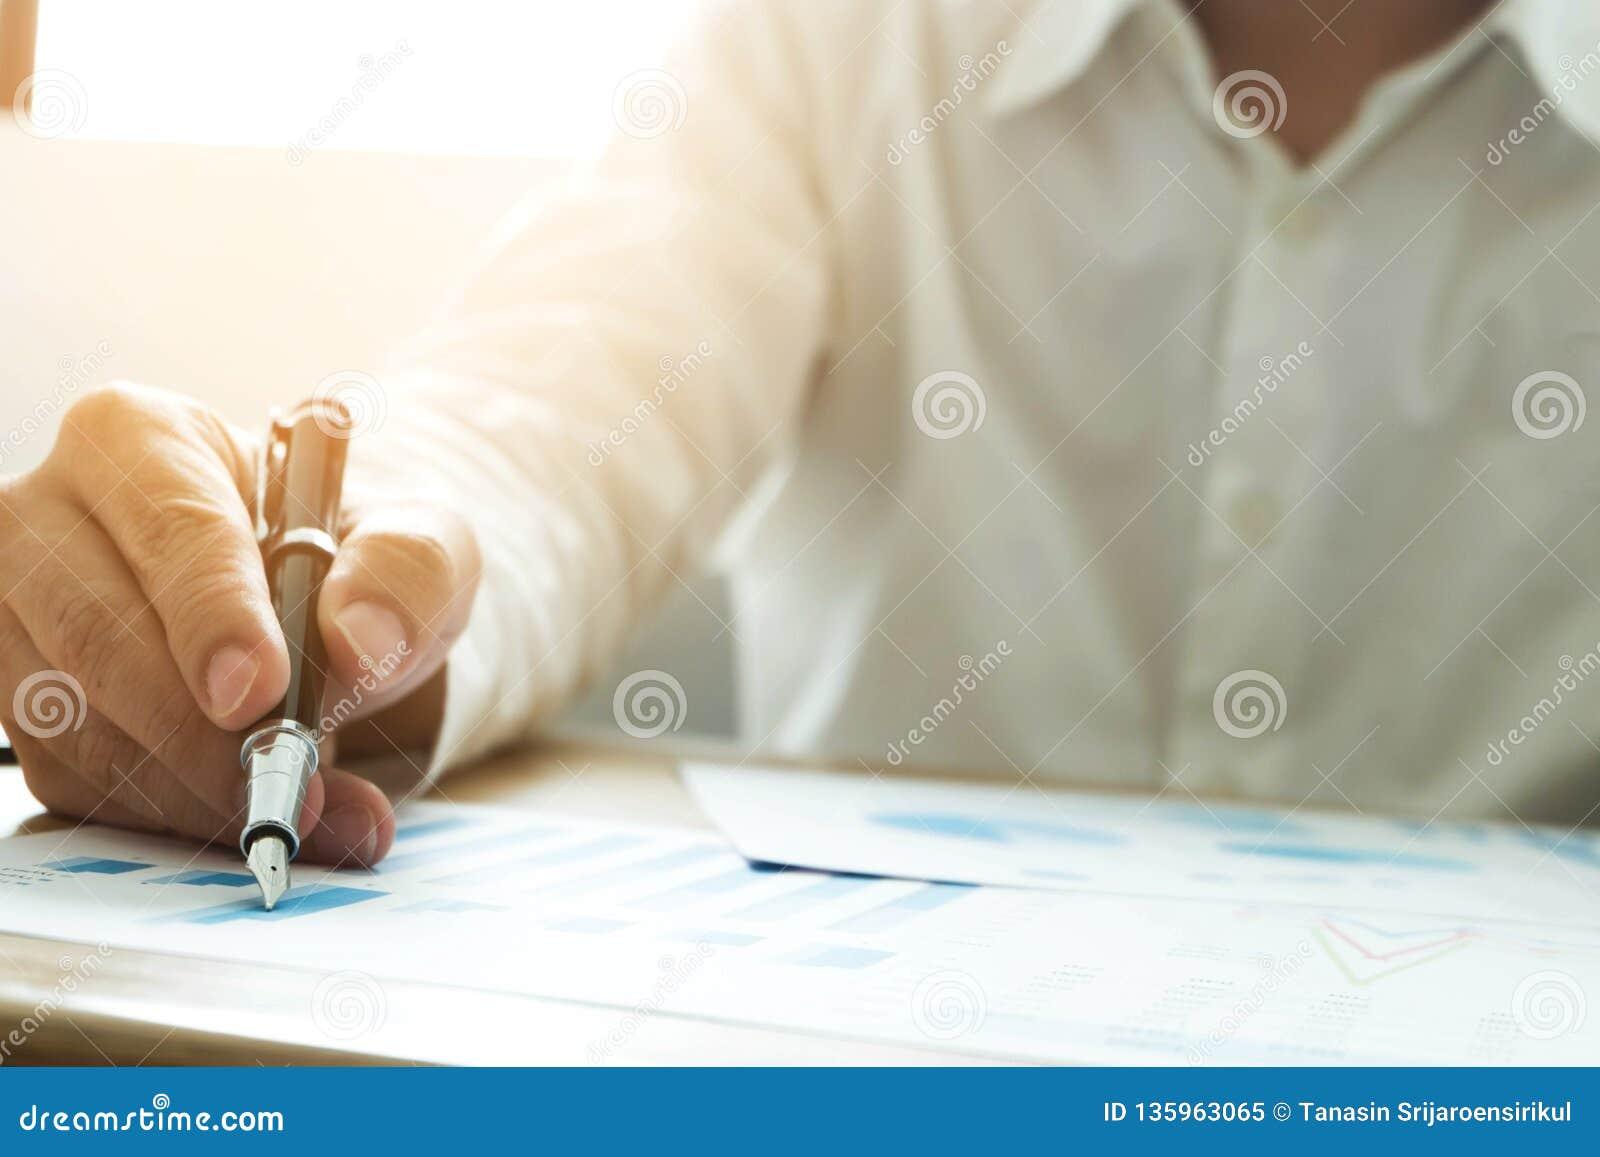 Os homens de negócios estão apontando números, gráfico, carta em resultados de negócio Conceito do negócio